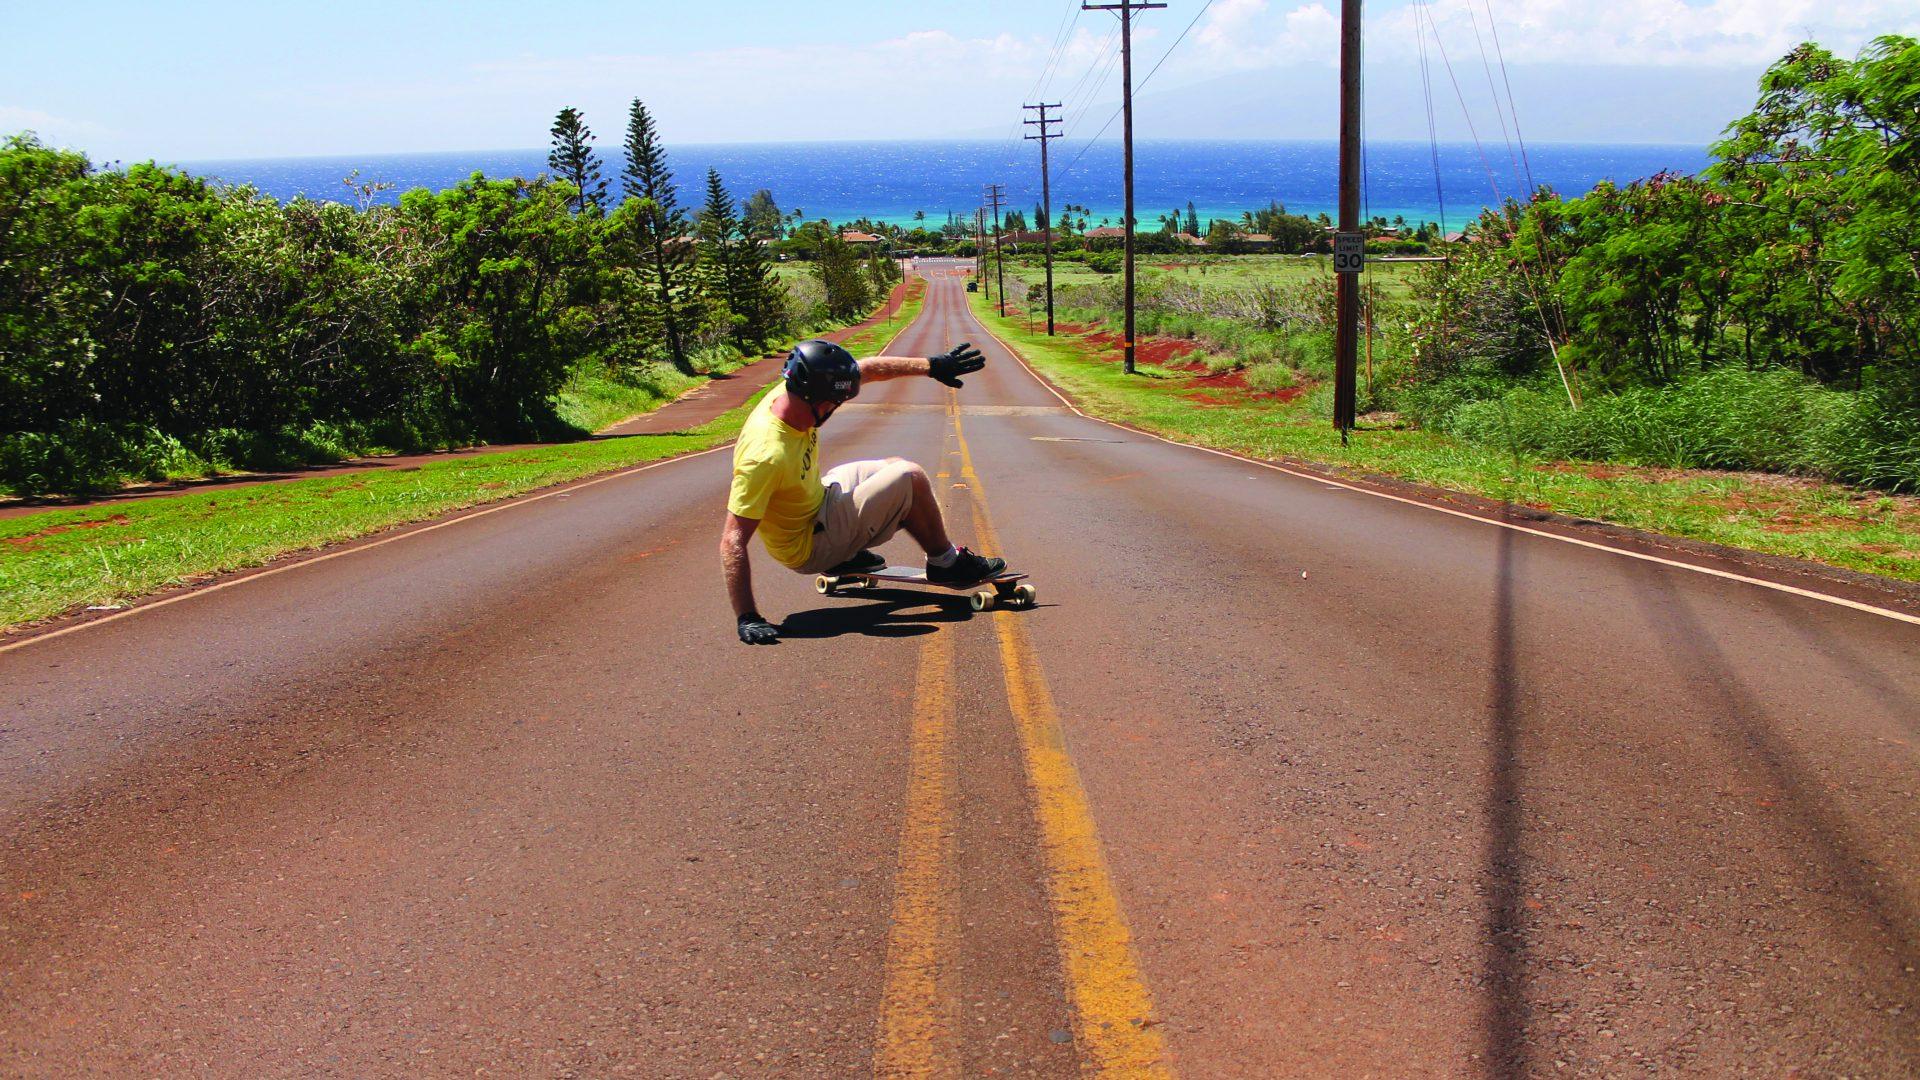 JUCKER_HAWAII_©JUCKER HAWAII : Heelside